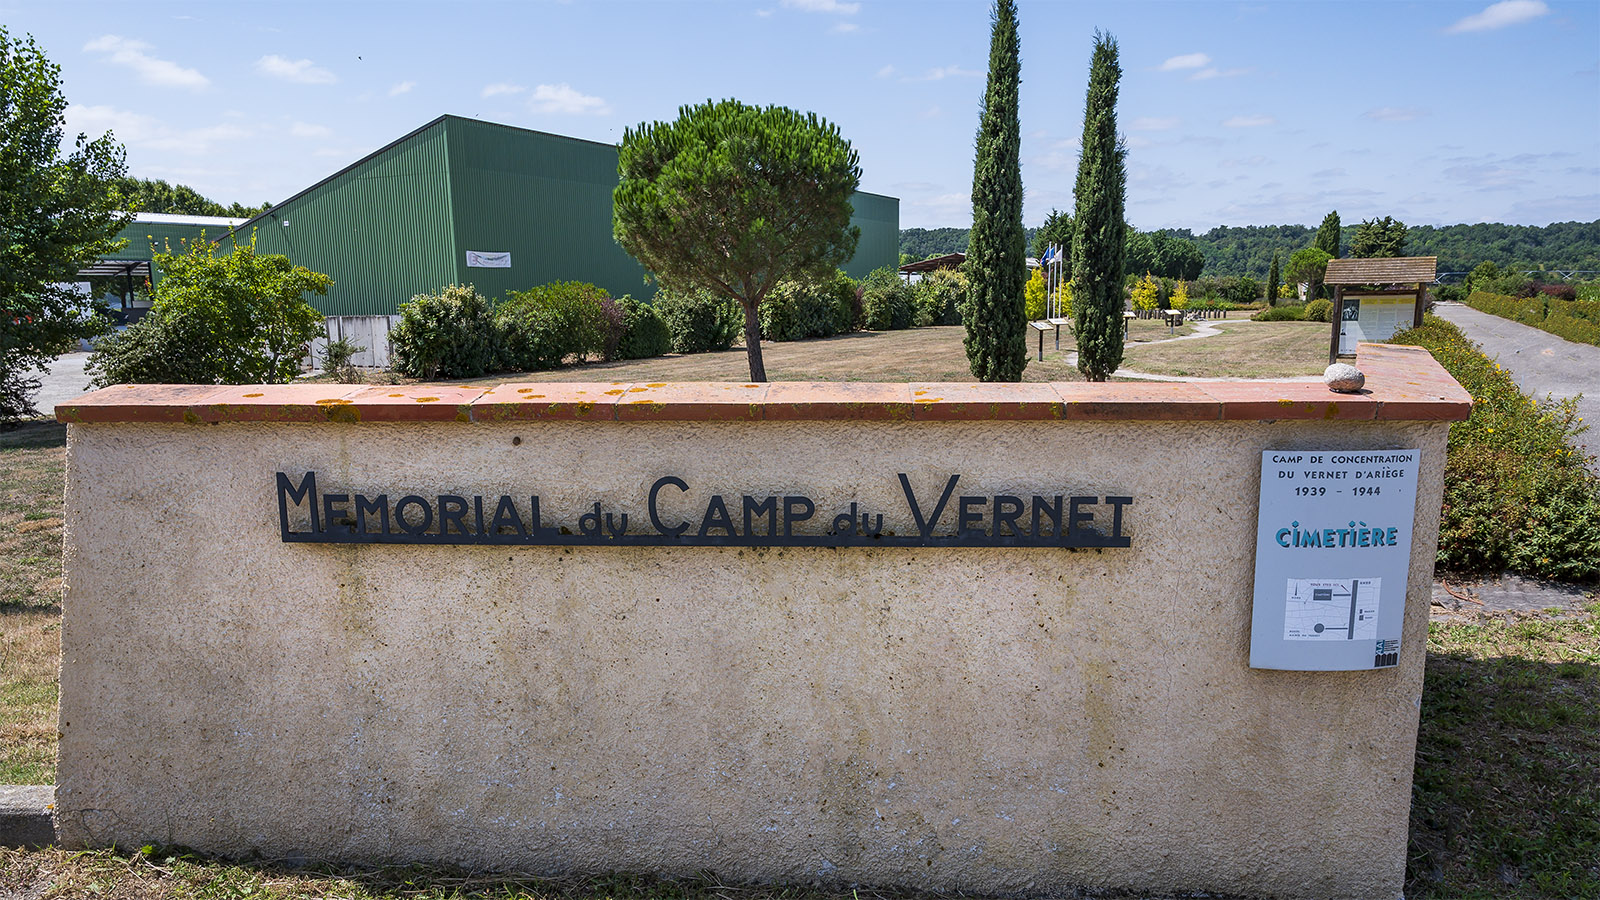 Gedenkstätte an der Nationalstraße 20: das <em>Mémorial Camp du Vernet. </em>. Foto: Hilke Maunder